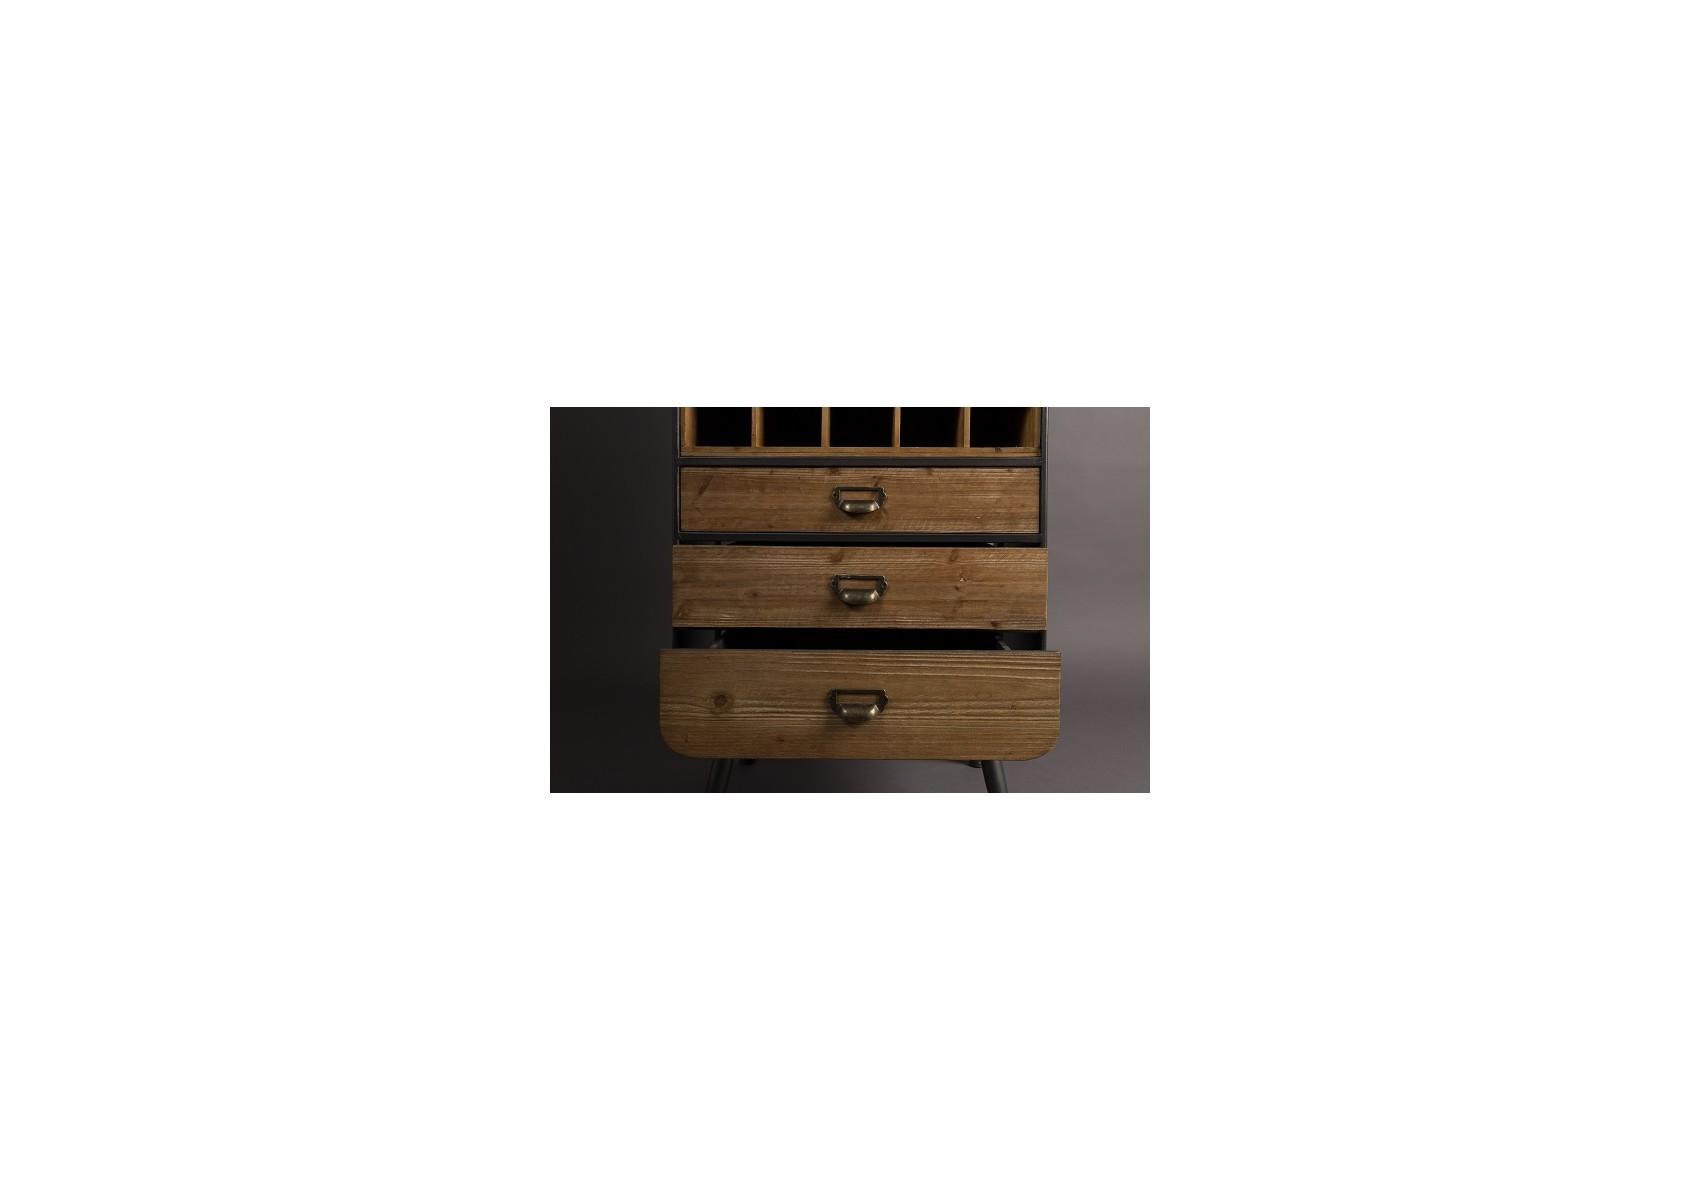 meuble range bouteilles industriel vino de chez dutchbone. Black Bedroom Furniture Sets. Home Design Ideas